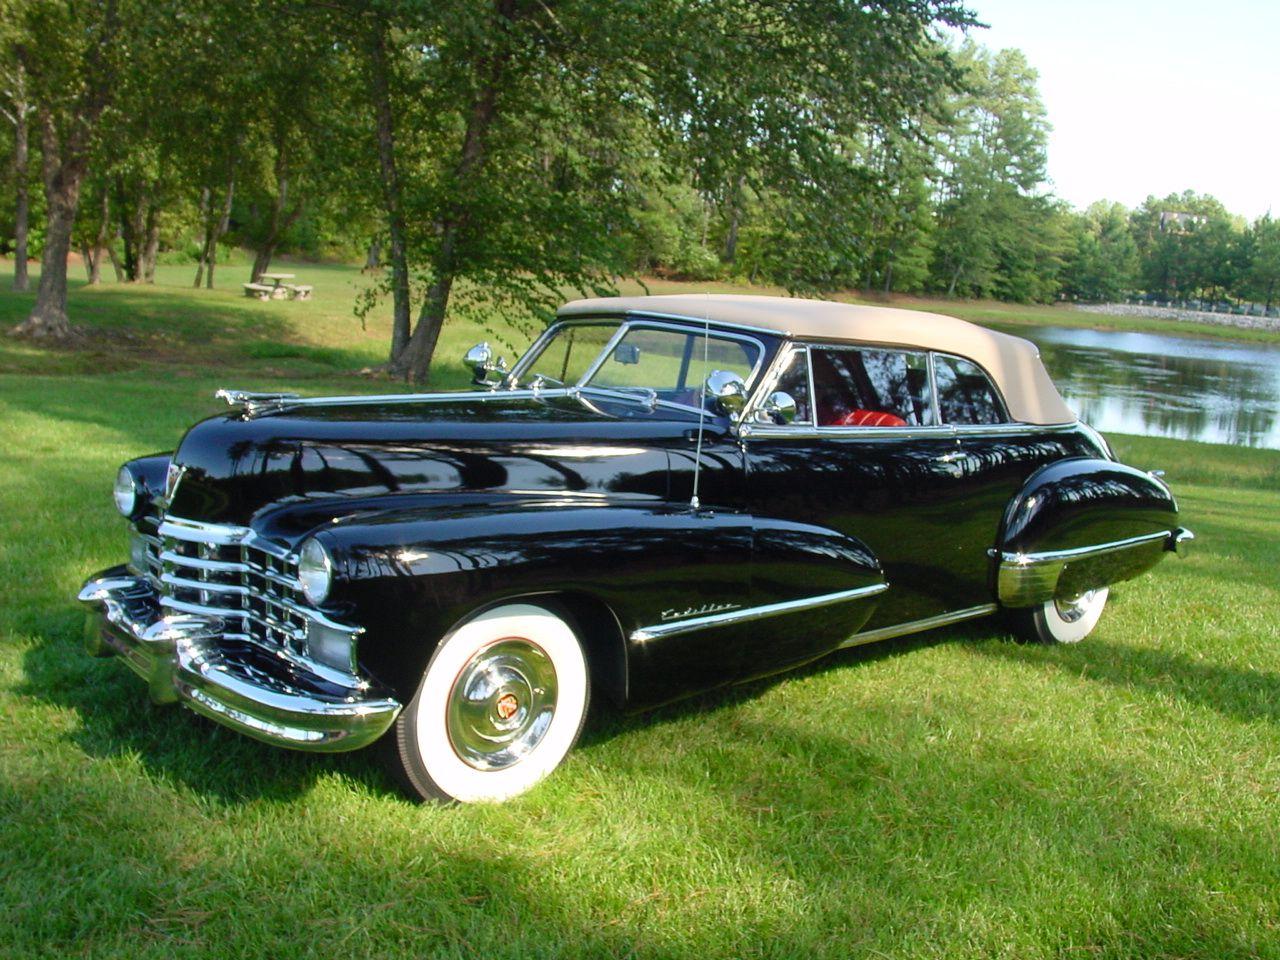 1947 Cadillac Convertible Vintage cars, Cadillac